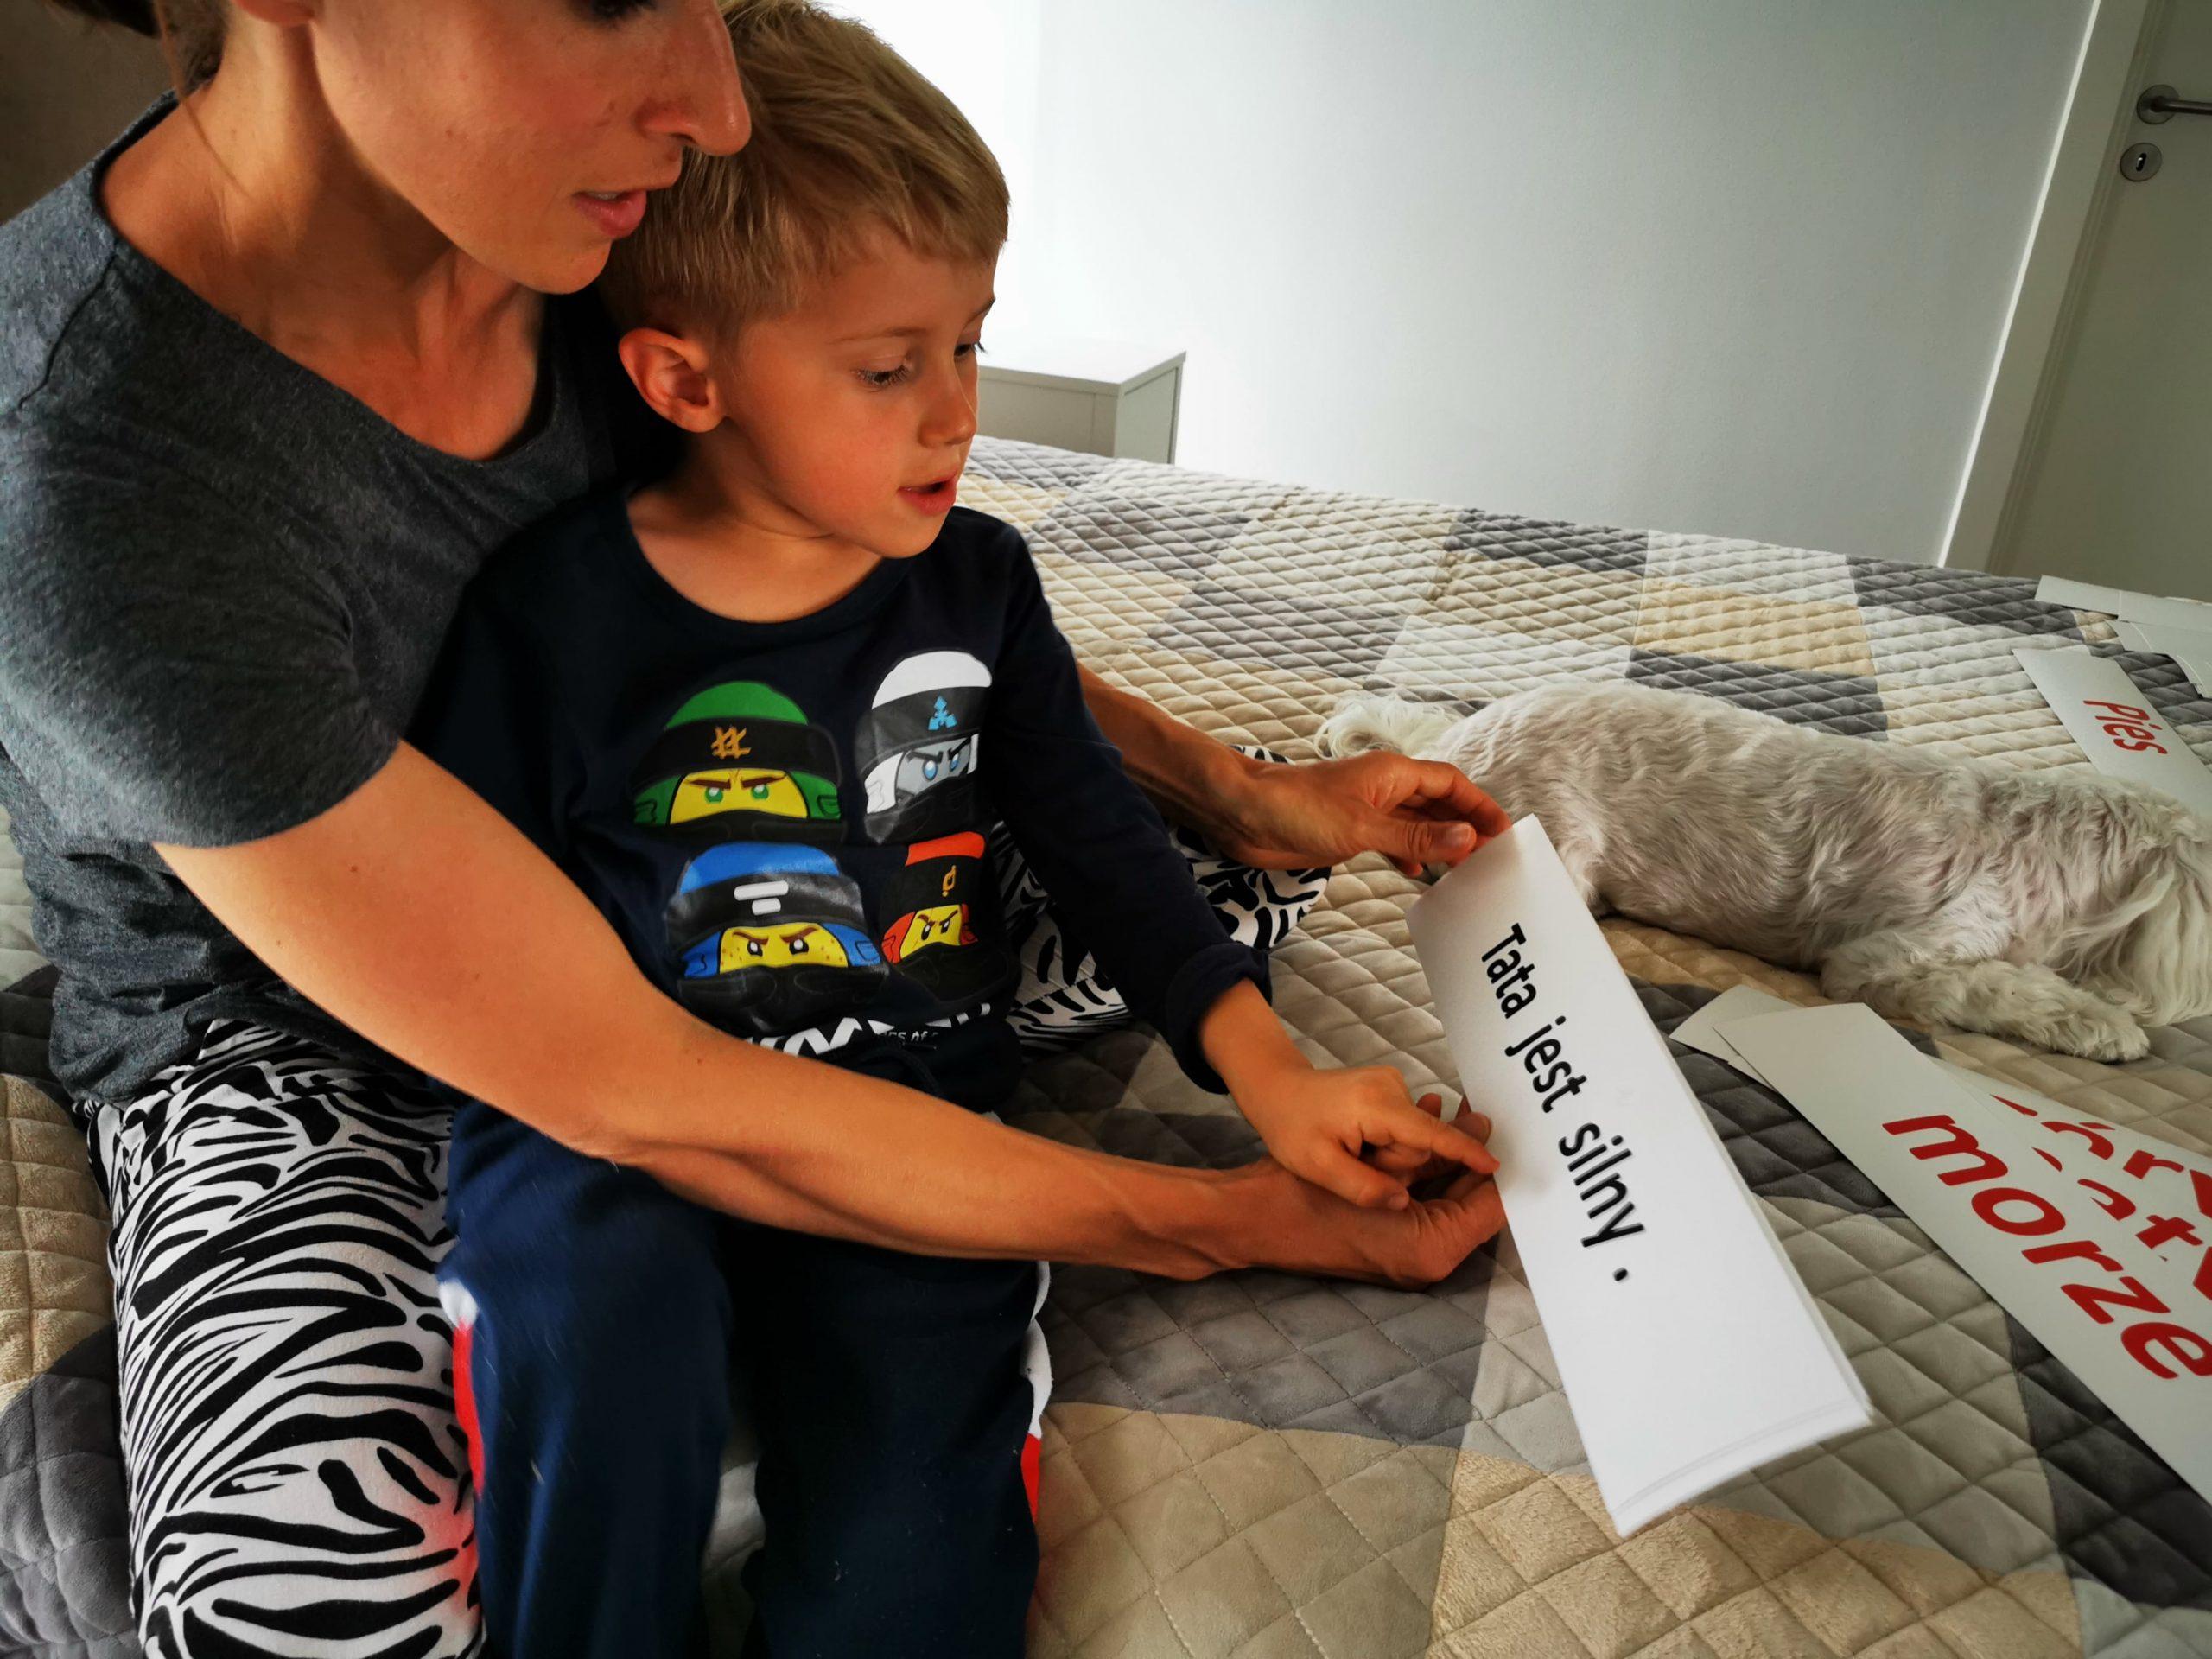 Dziecko czyta zdanie jak nauczyć małe dziecko czytać